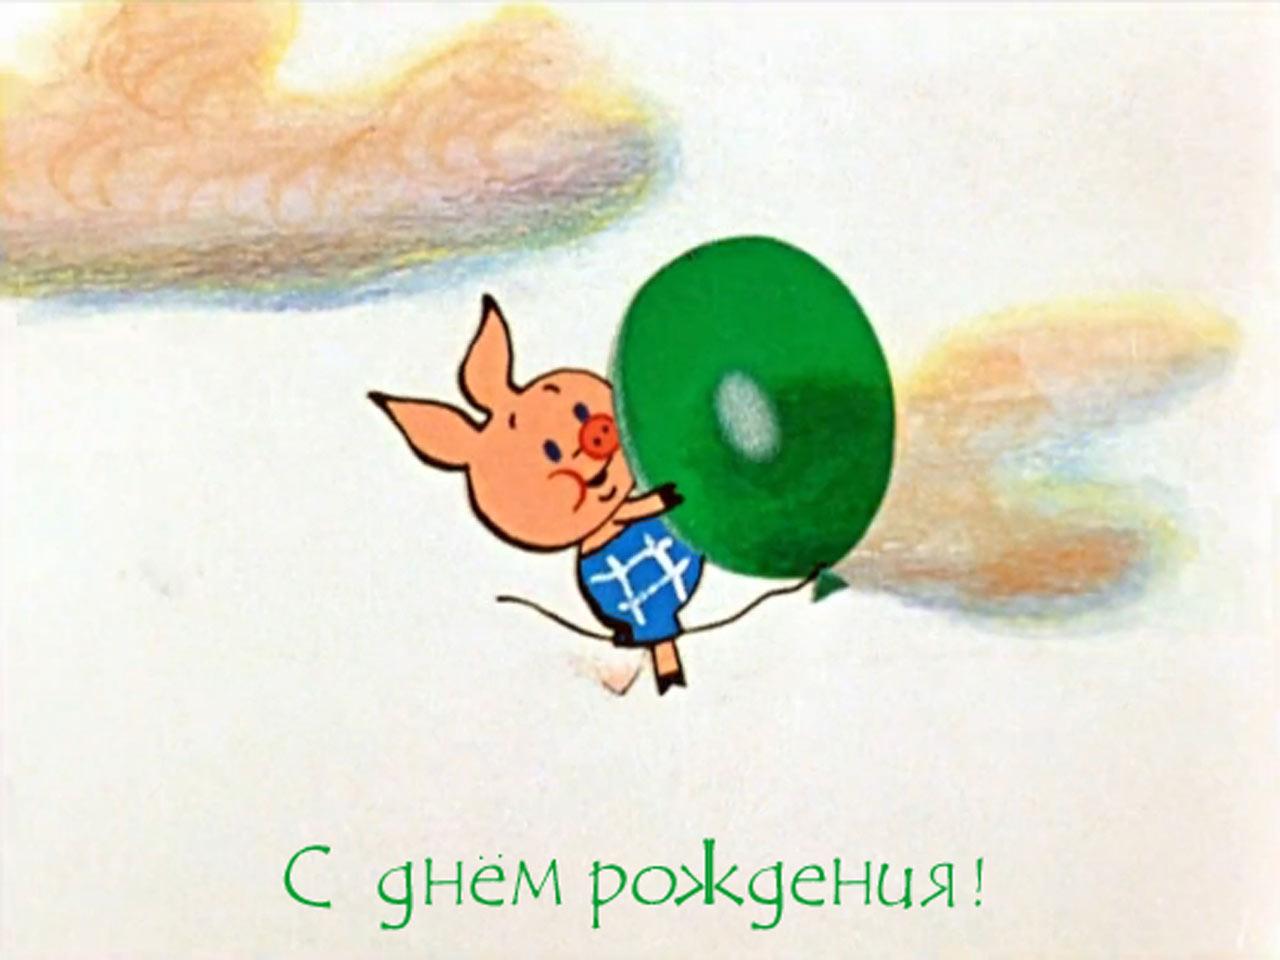 пятачок с шариком картинка результаты поиска скачать